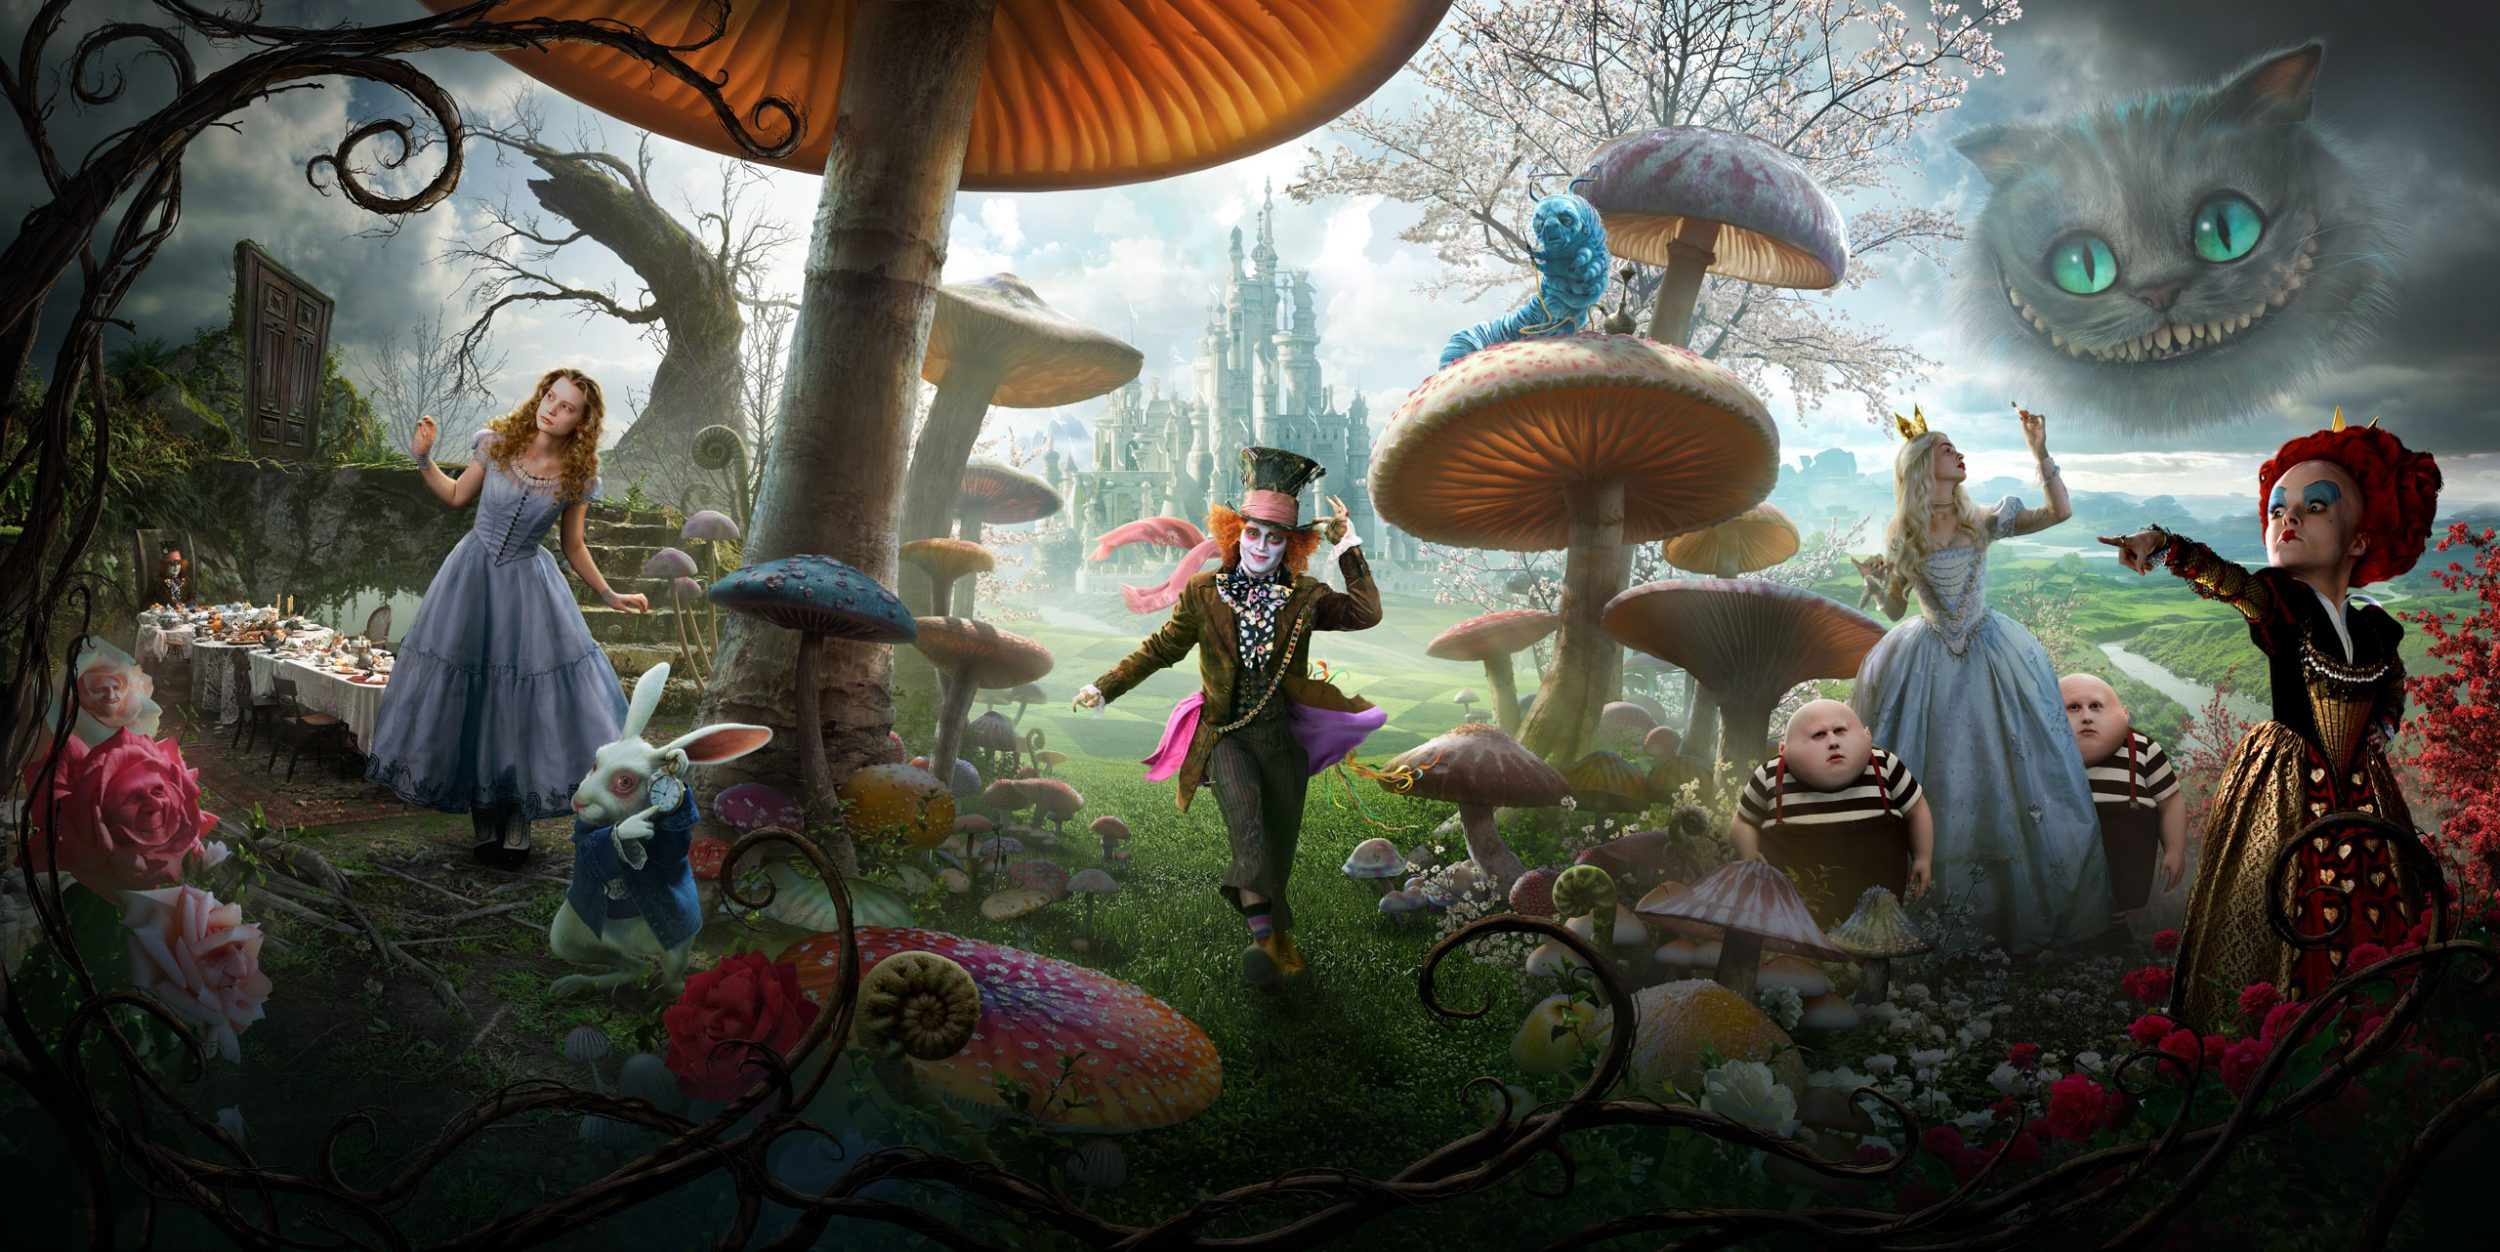 Alice au pays des merveilles film 2010 disney planet - Lapin dans alice aux pays des merveilles ...